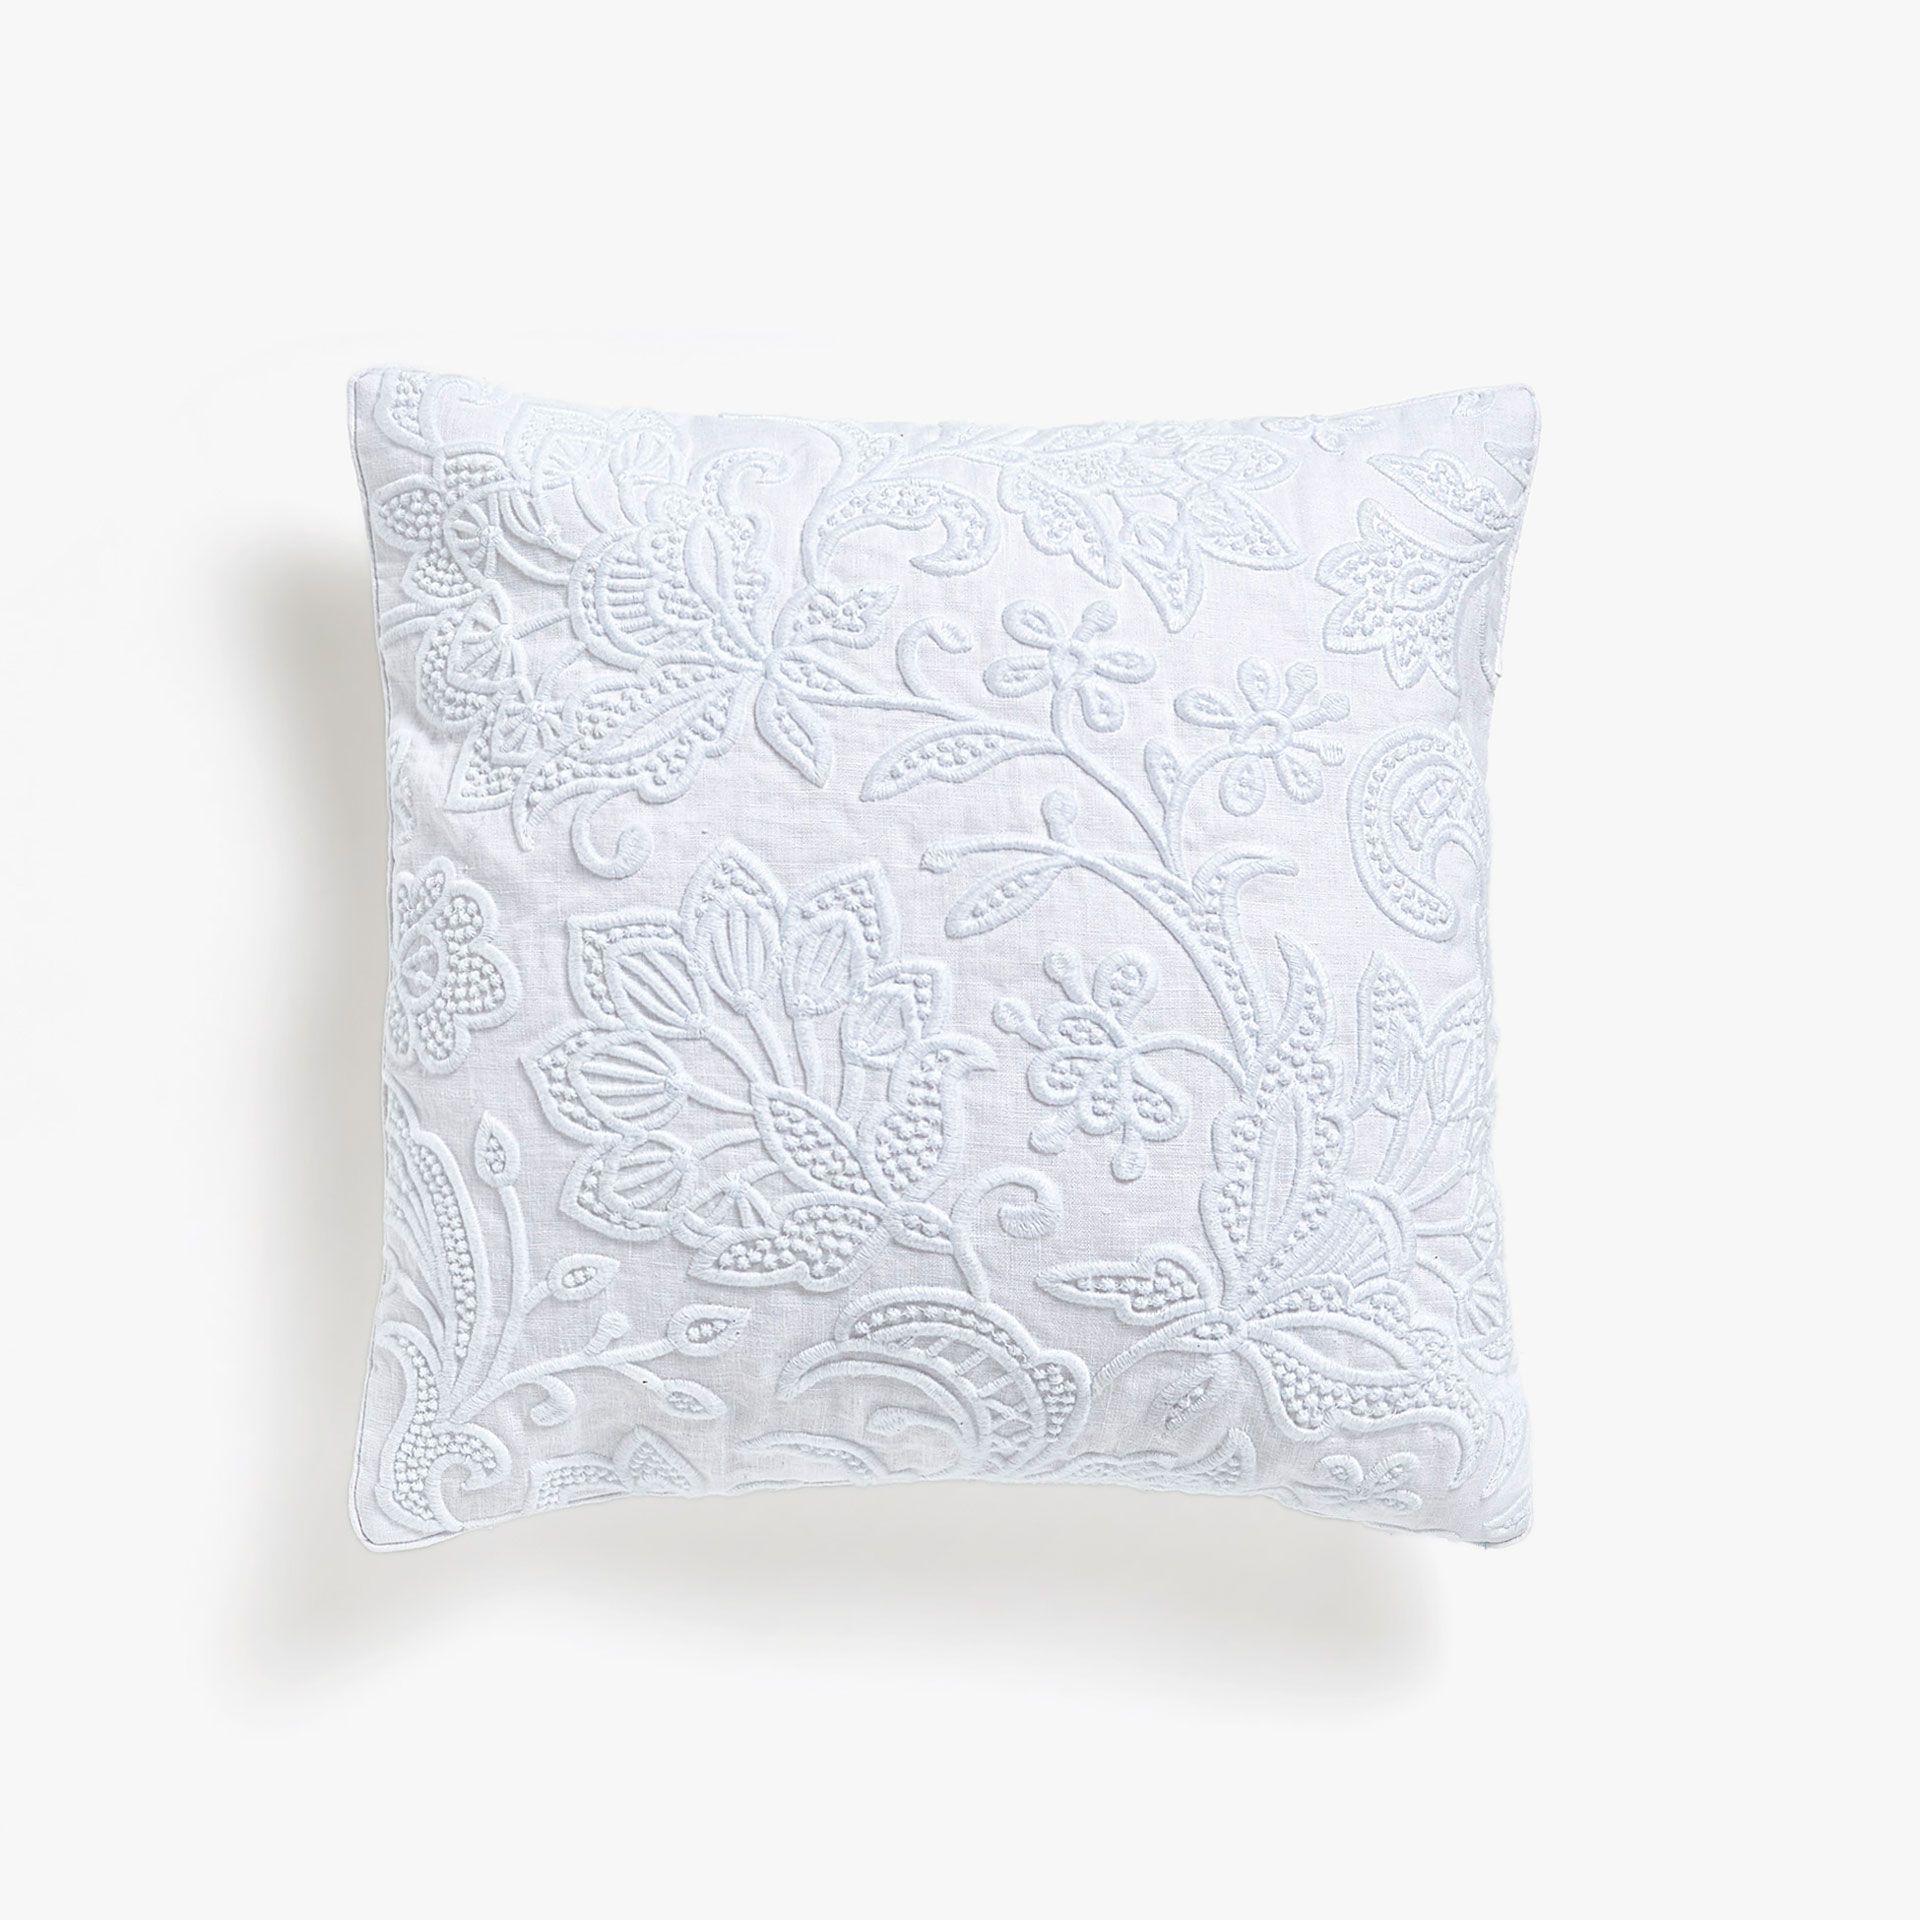 Funda de coj n bordado blanco ptico cojines decorativos for Fundas cojines zara home